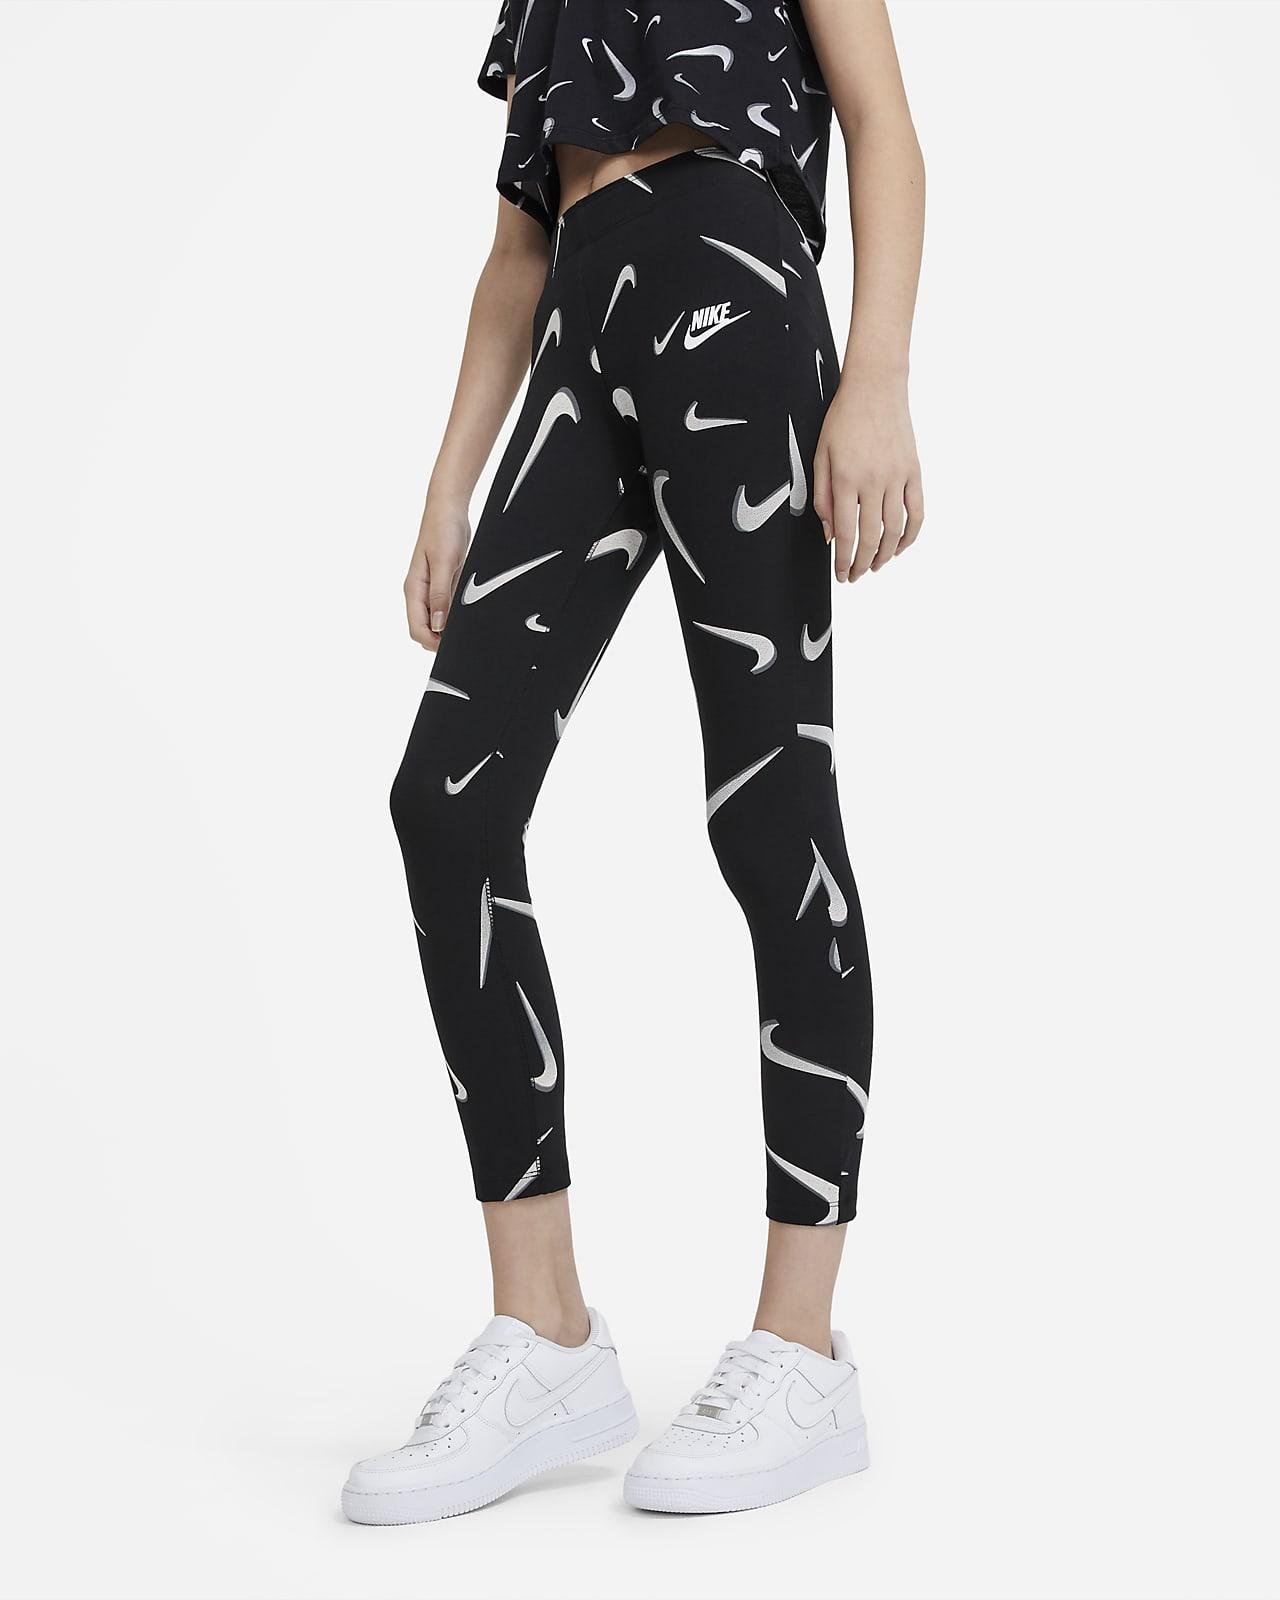 Леггинсы с принтом для девочек школьного возраста Nike Sportswear Favorites